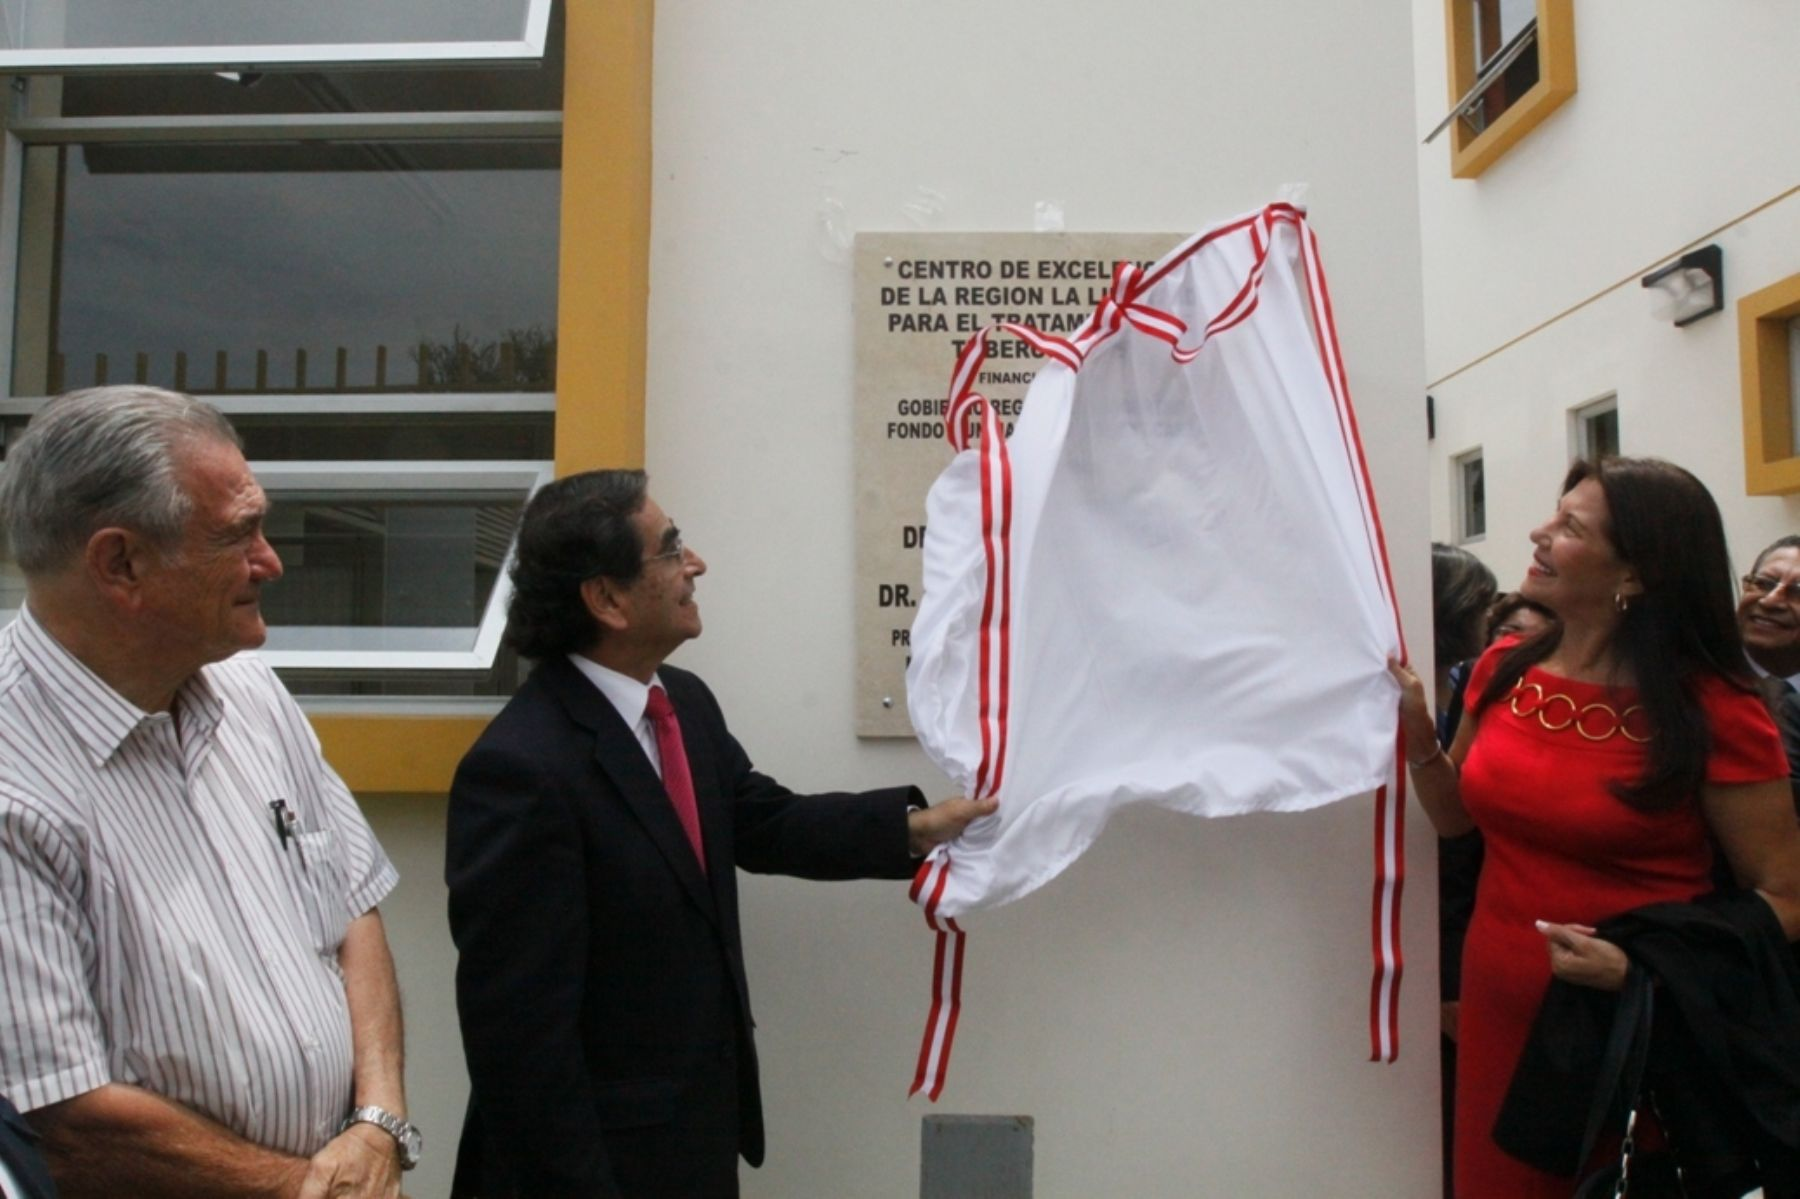 El departamento de La Libertad ya cuenta con Centro de Excelencia para el Control de la Tuberculosis (Cenex). Foto: Minsa.